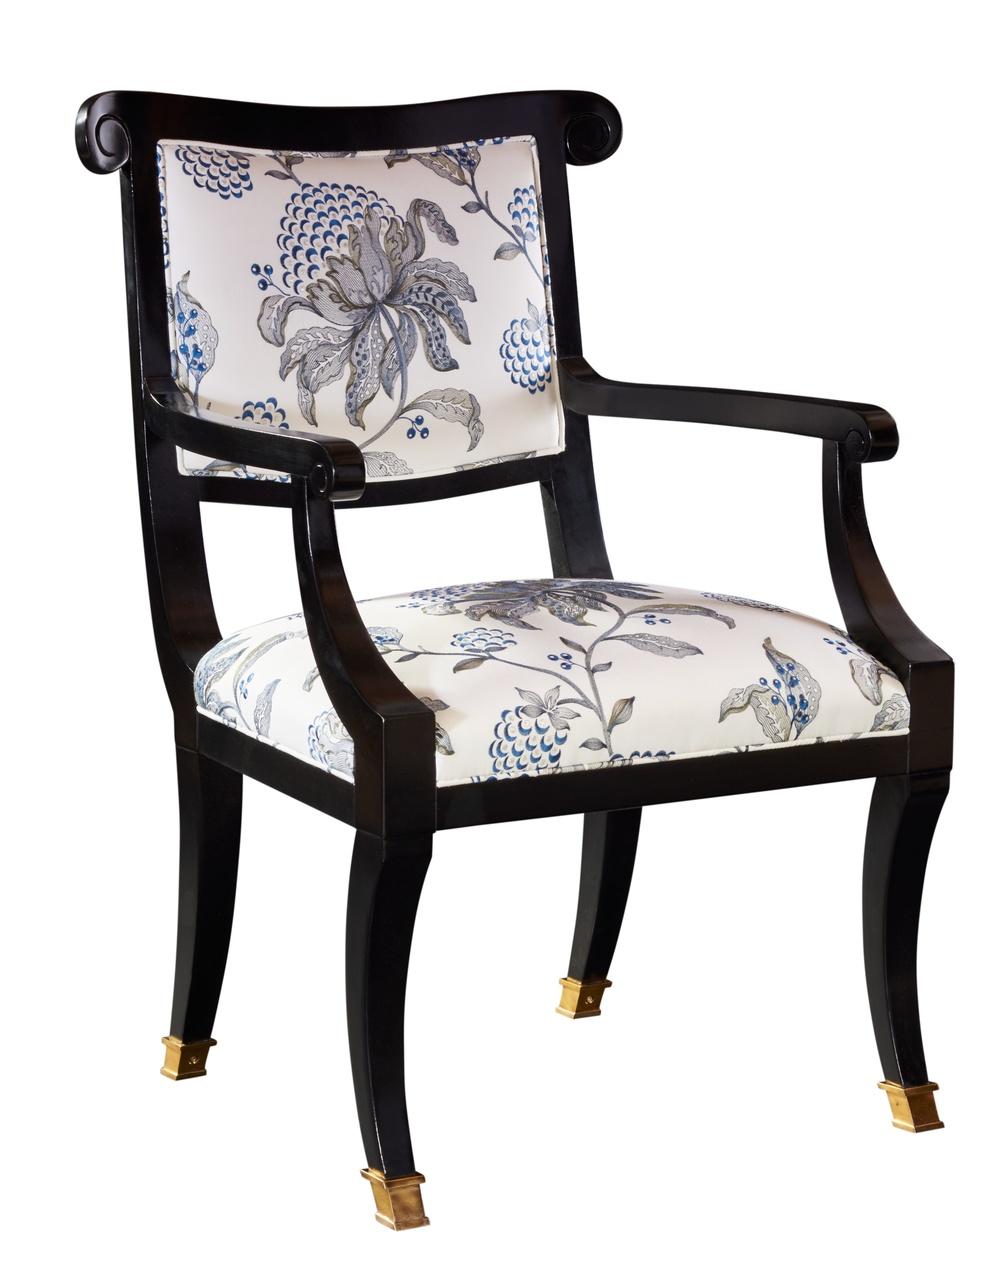 Hickory Chair - Abigail Arm Chair